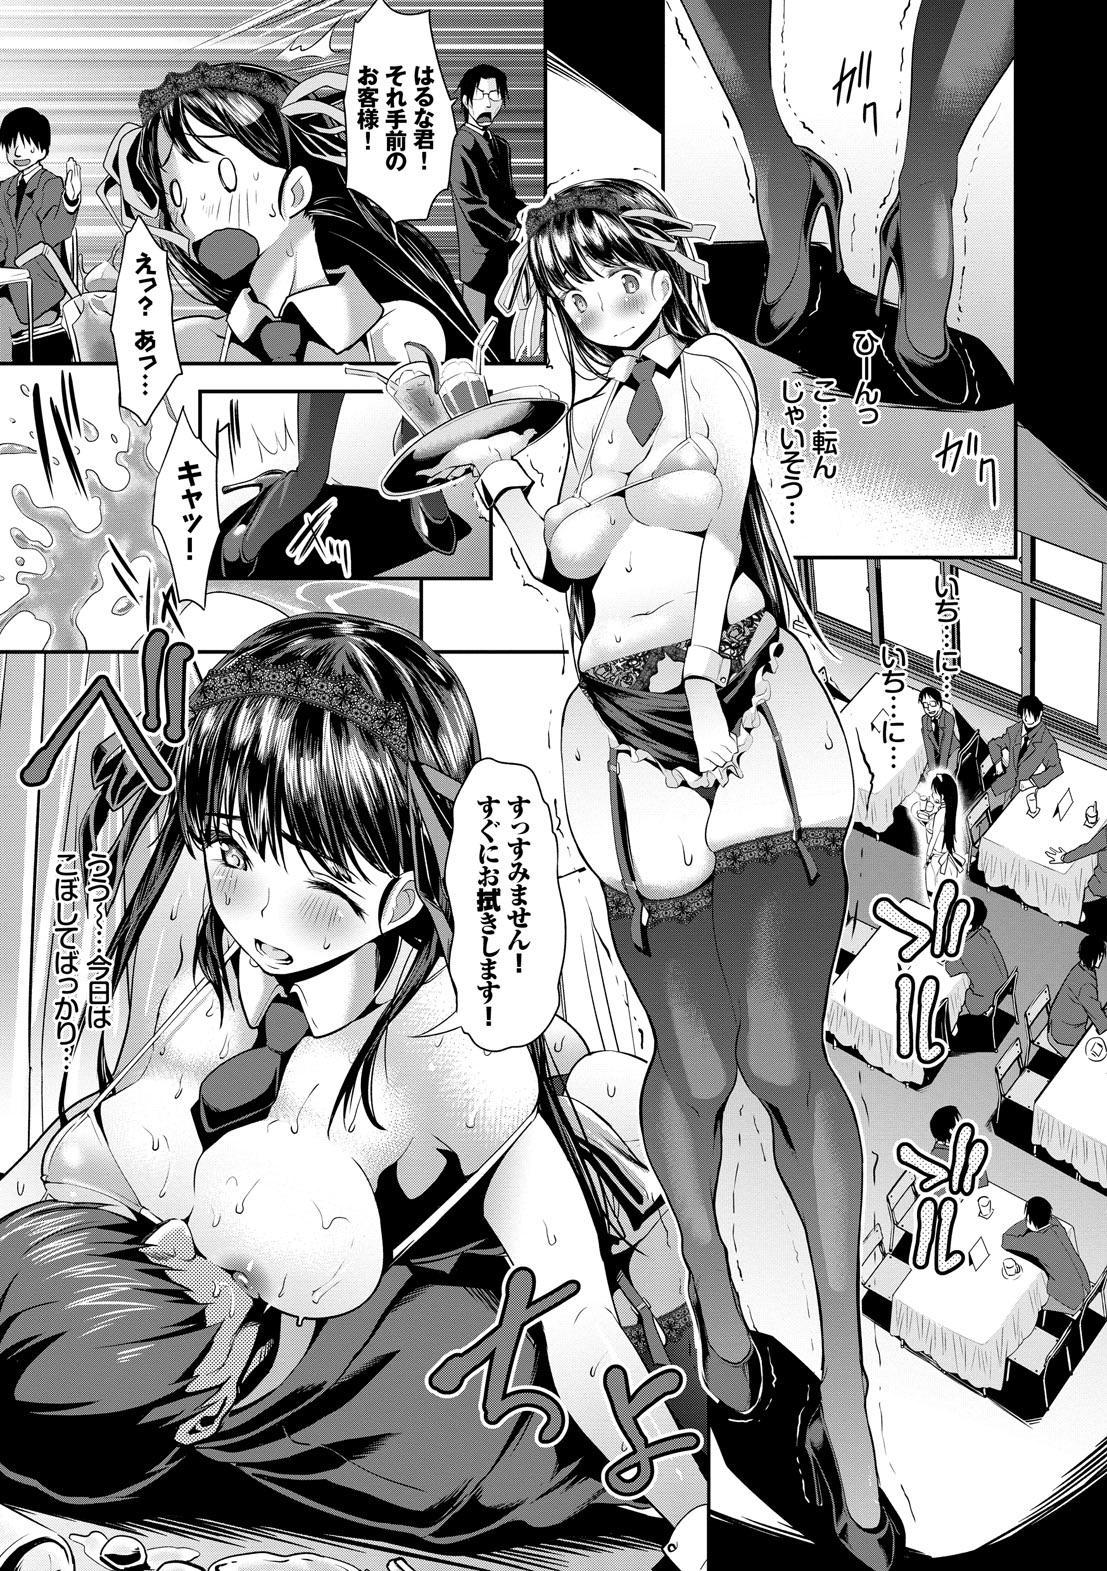 Mesu no Tadashii Haramasekata 8